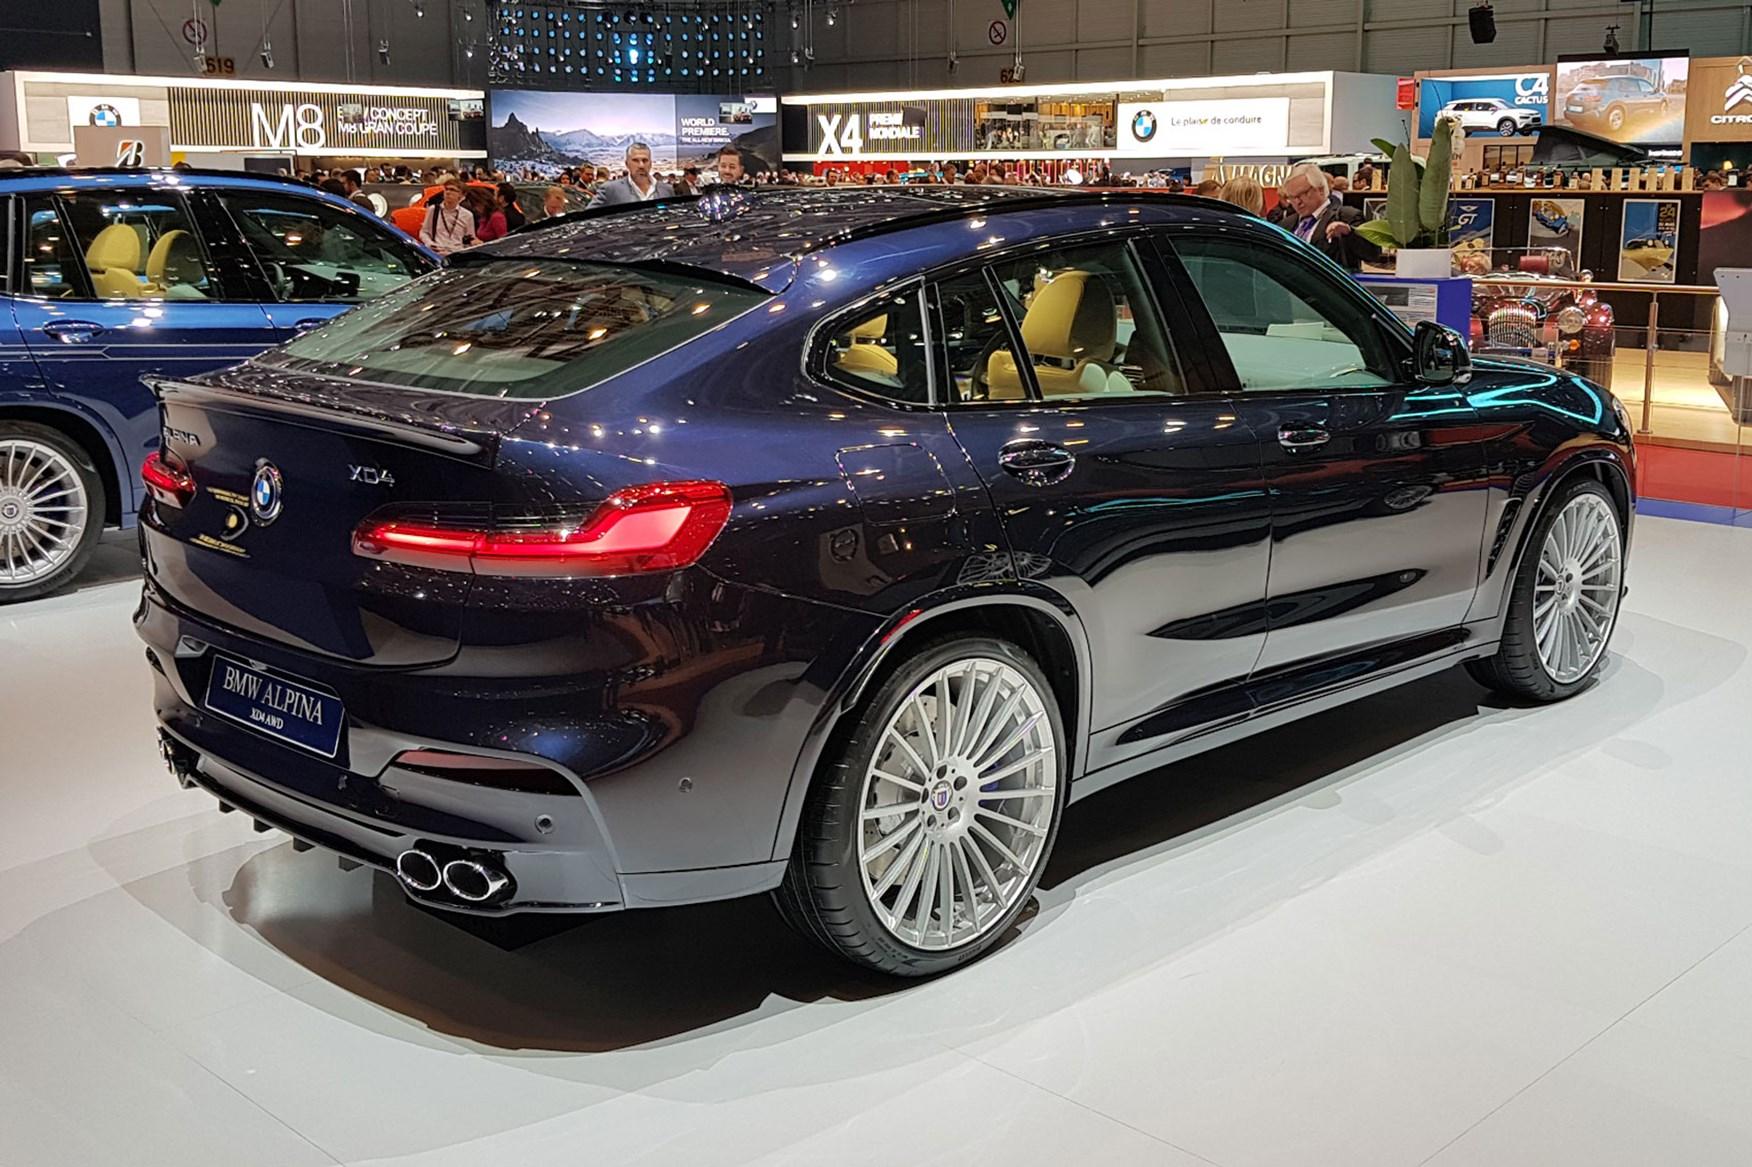 Bmw X4 Price >> Alpina revs up BMW SUVs with new XD3 and XD4 | CAR Magazine